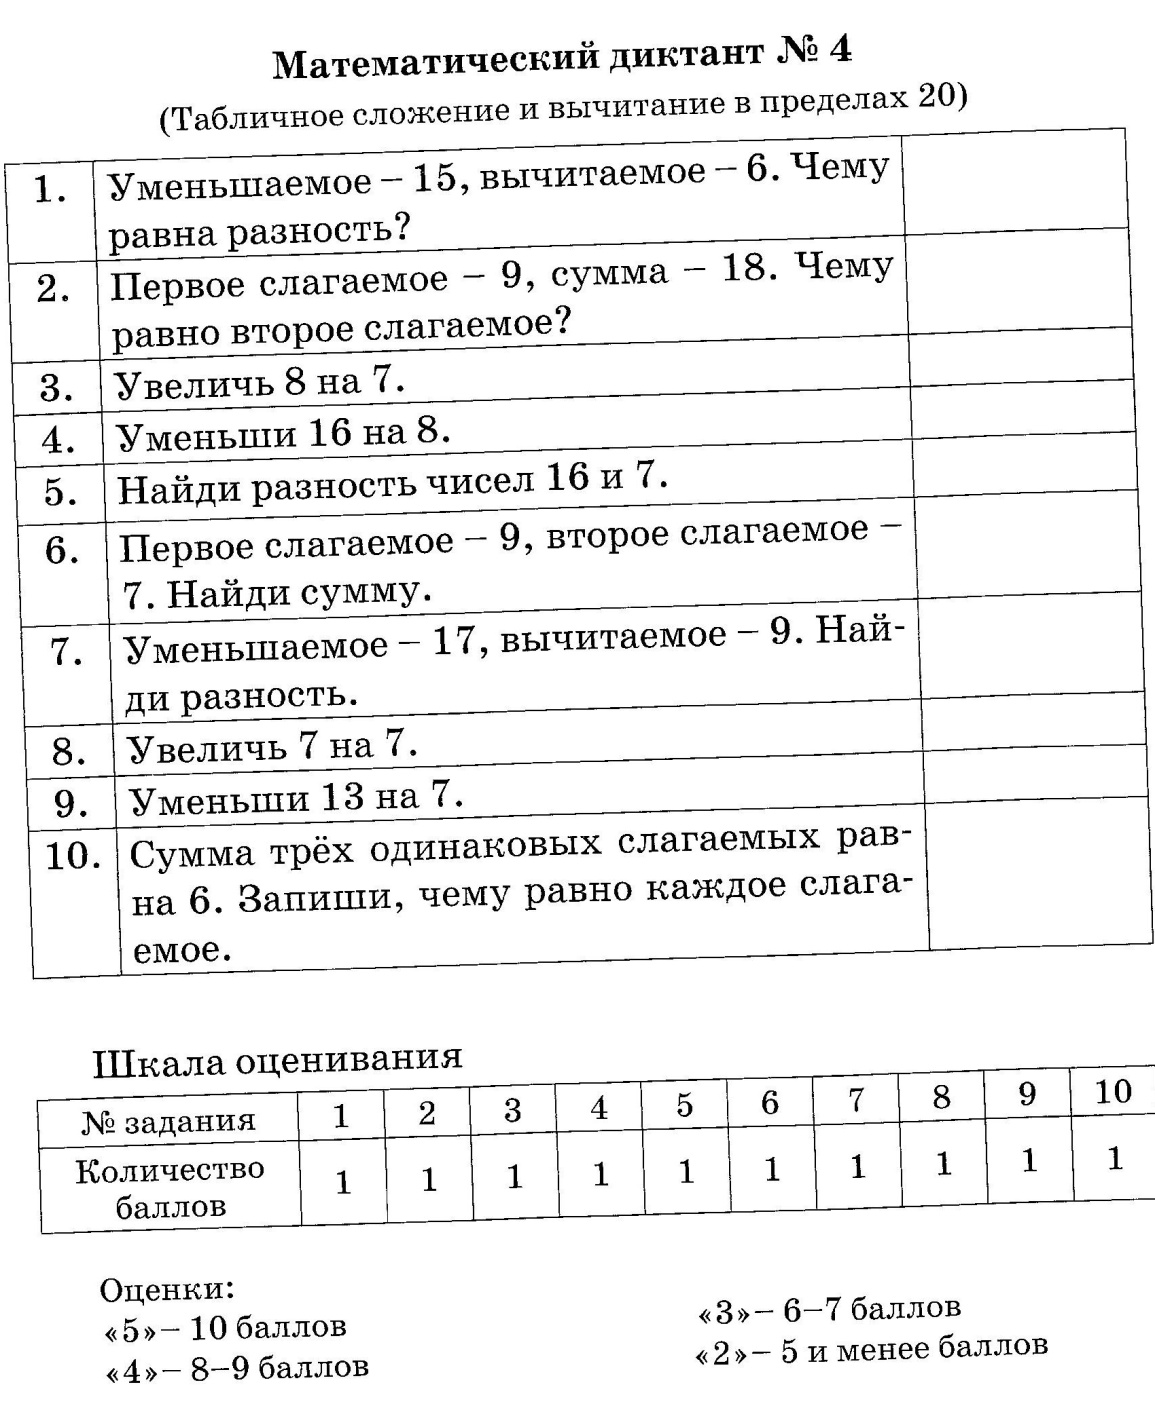 Решение задач по математике 2 класс казахстан методу эквивалентного генератора решение задач